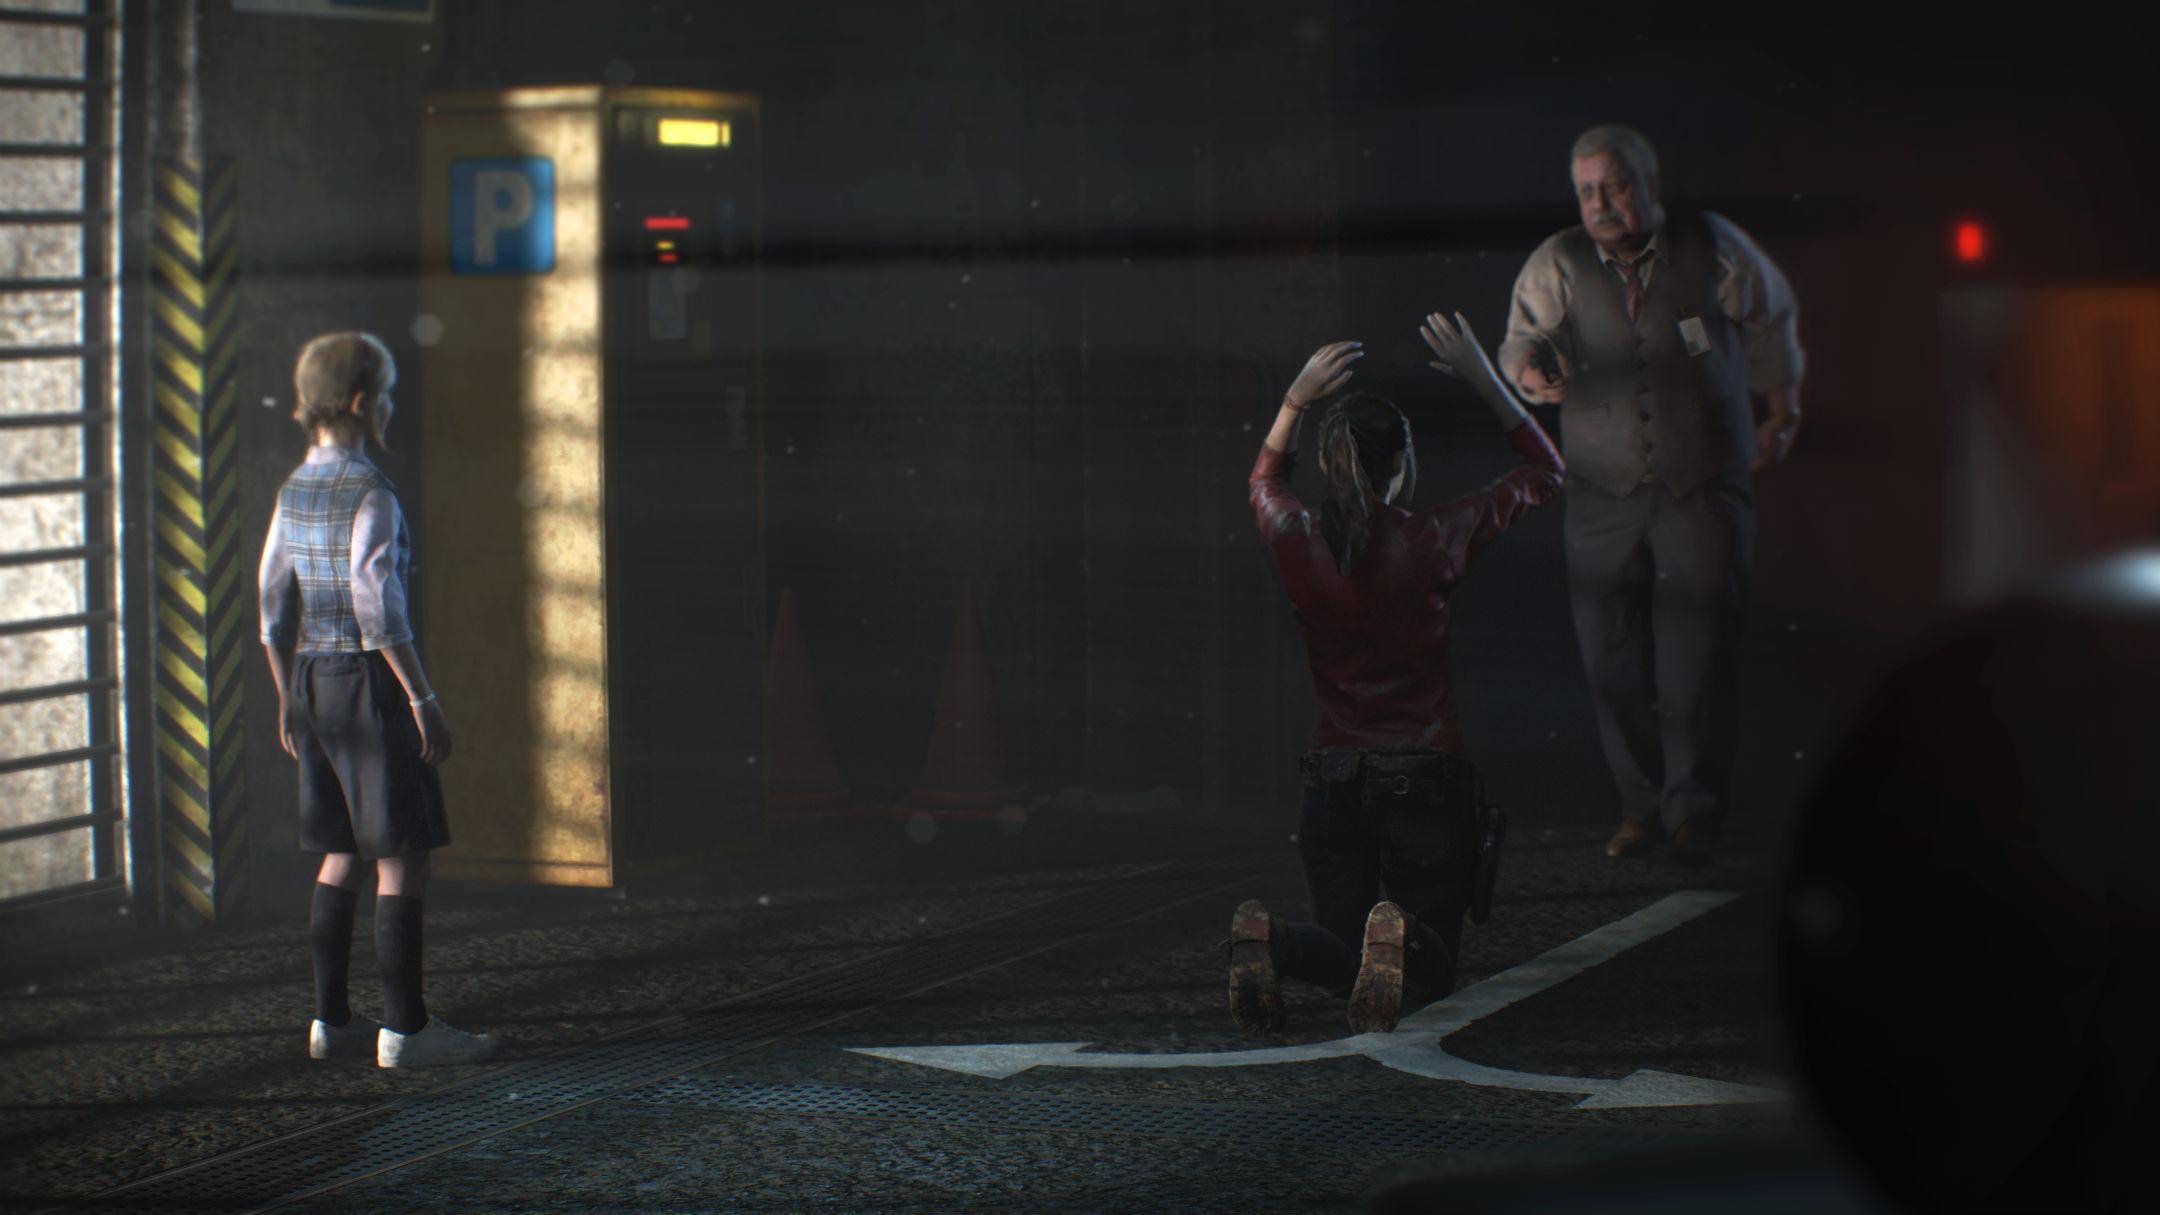 Sherry regardant Claire Redfield à genoux, mise en joug par un homme Resident Evil 2 Remake